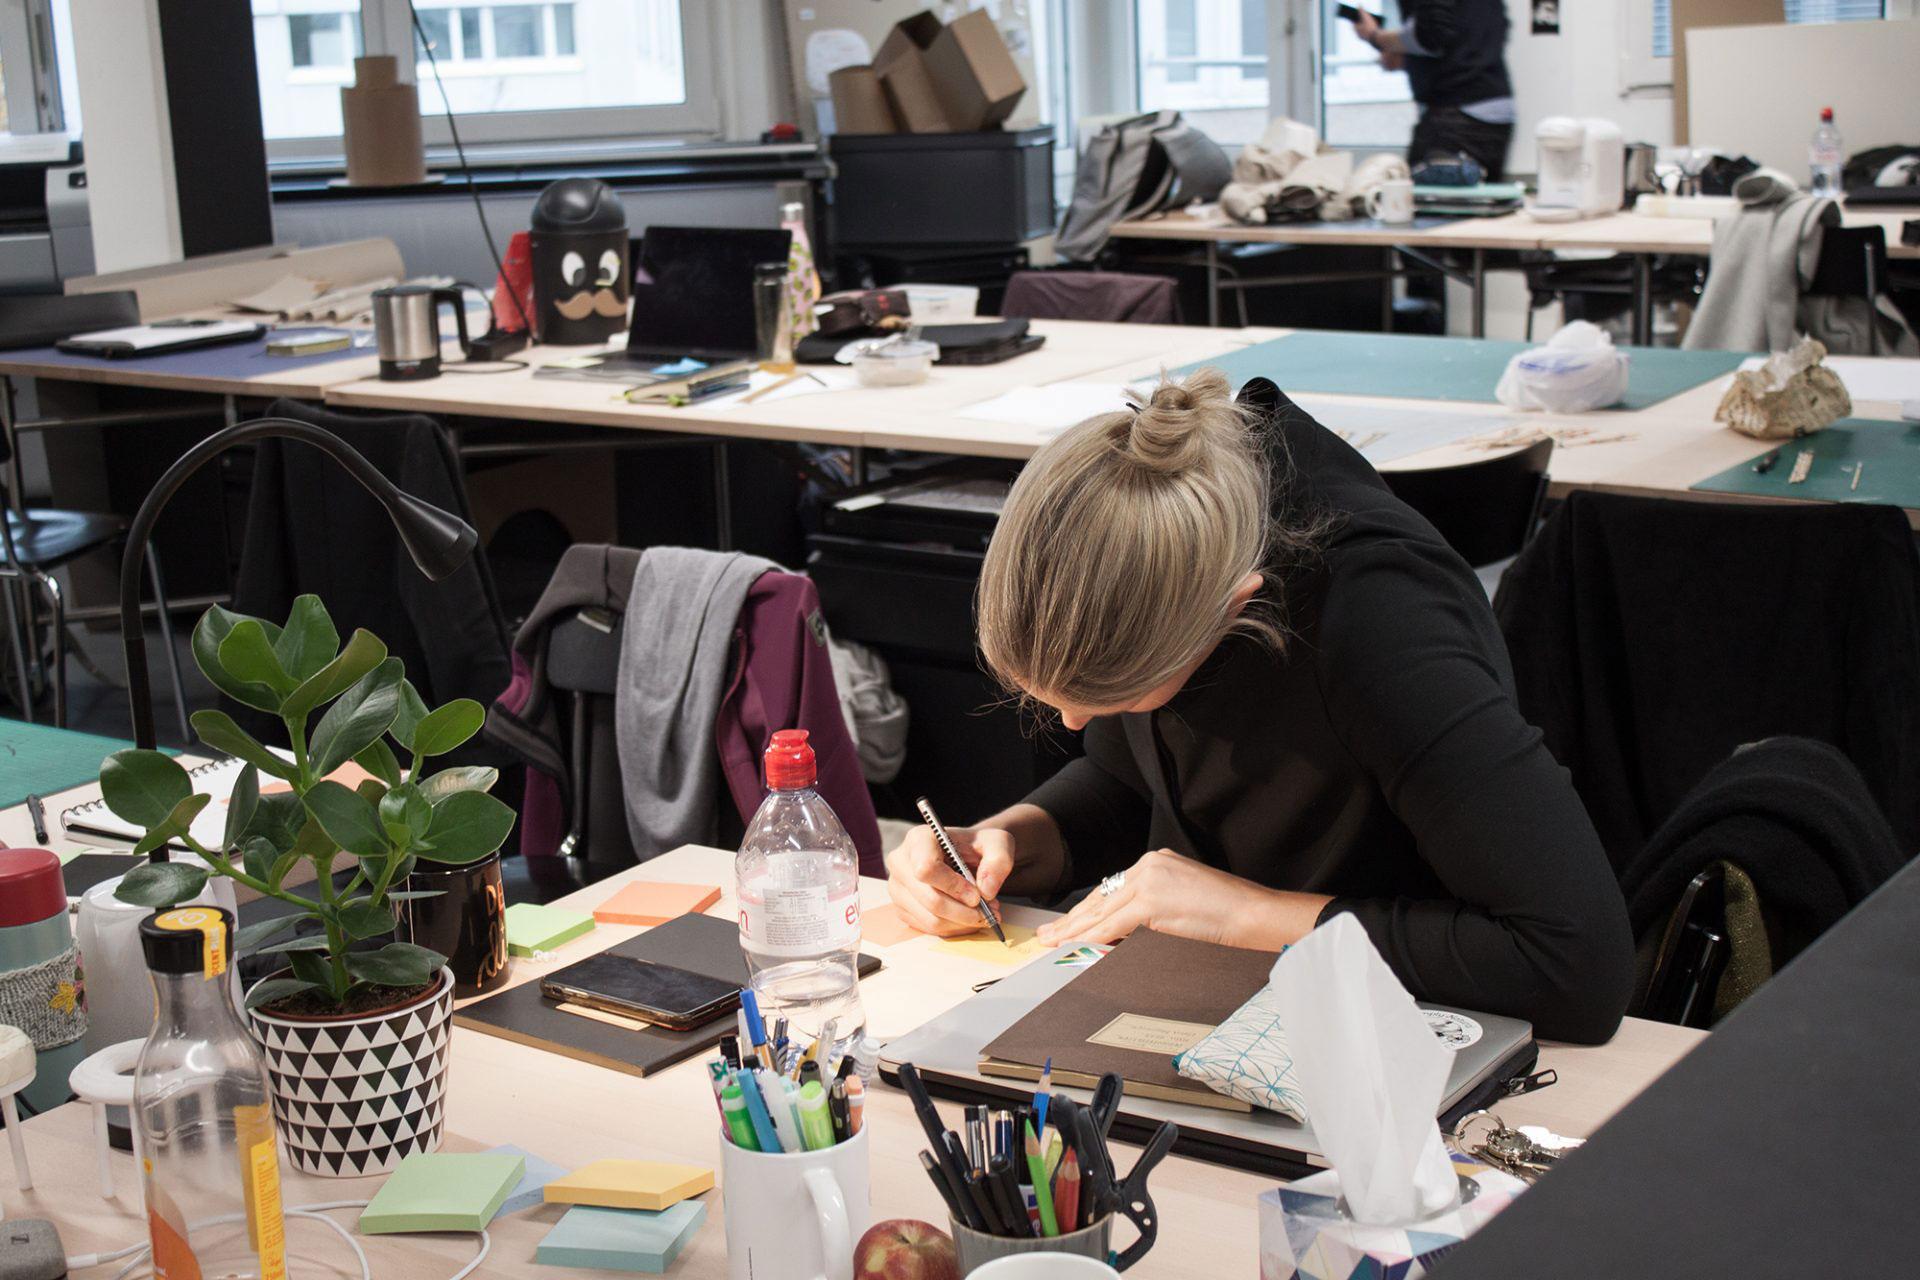 Hochparterre   Campus   Innenarchitektinnen in der Designwelt